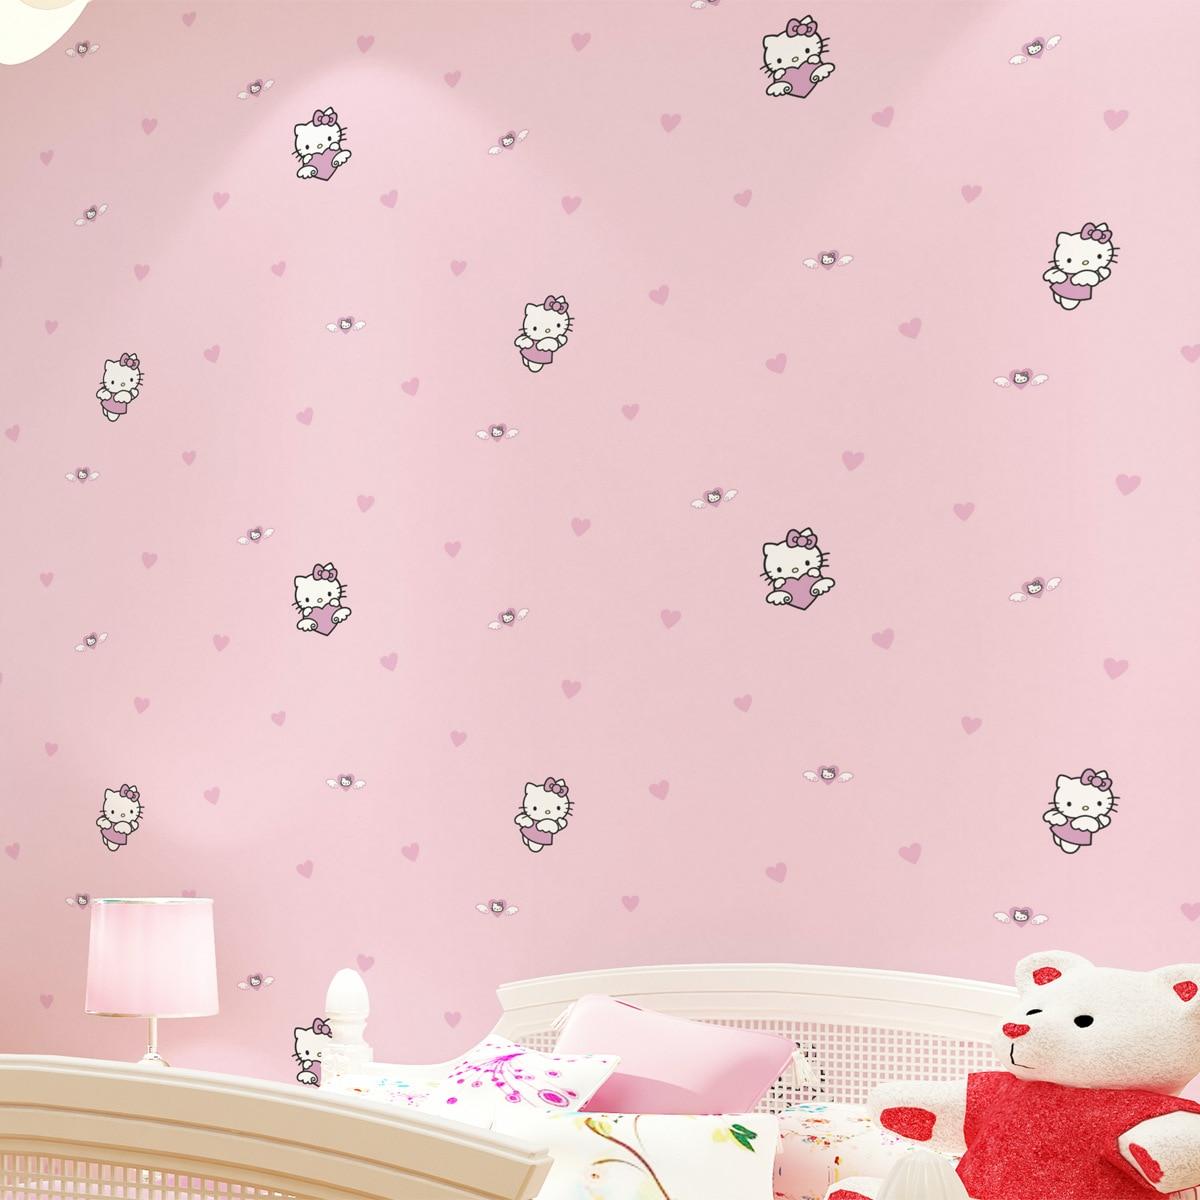 Hello Kitty Hello Kitty Wallpaper Cartoon Kt Pink Princess